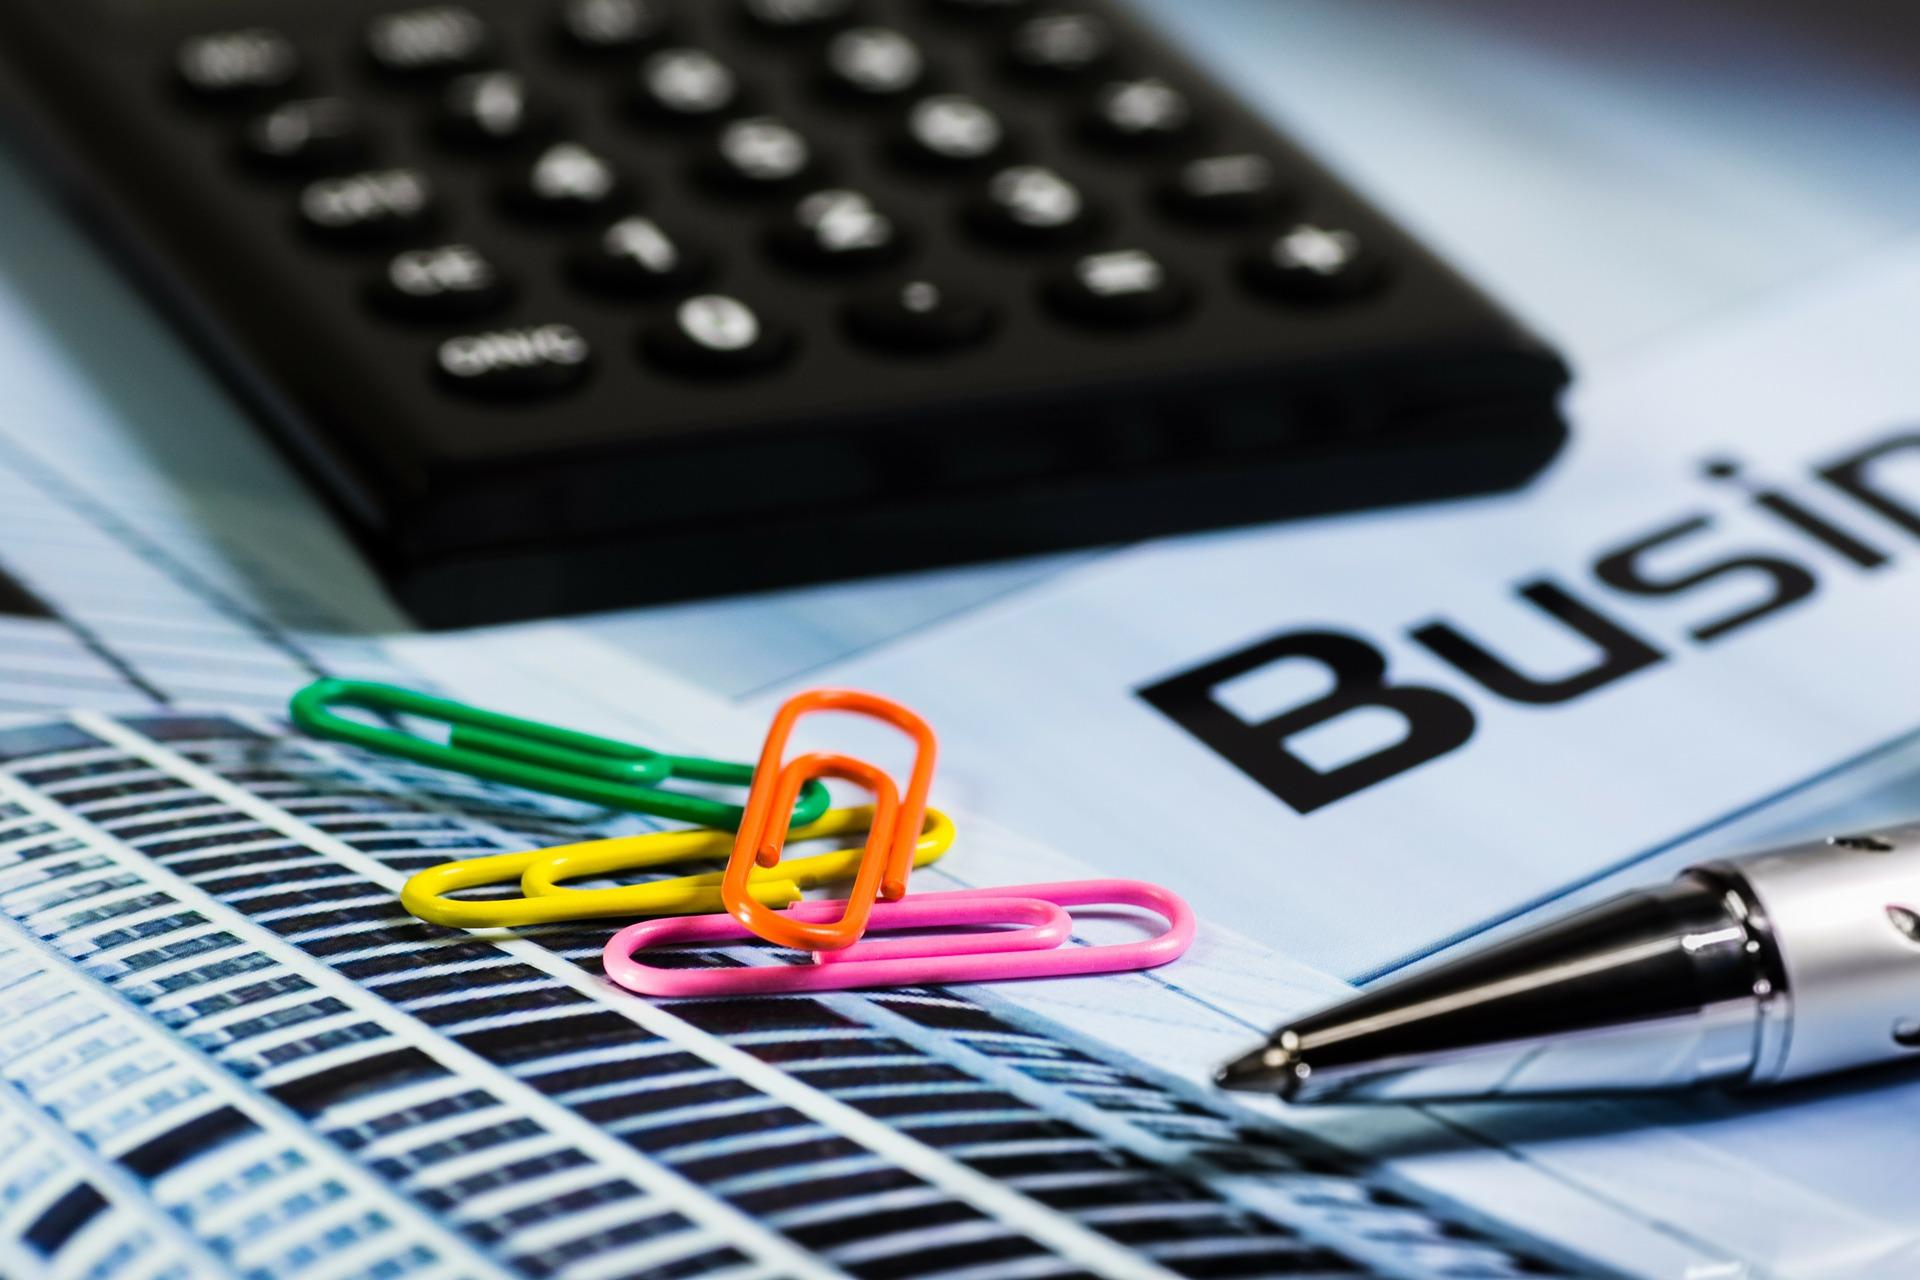 sumowanie wartości transakcji